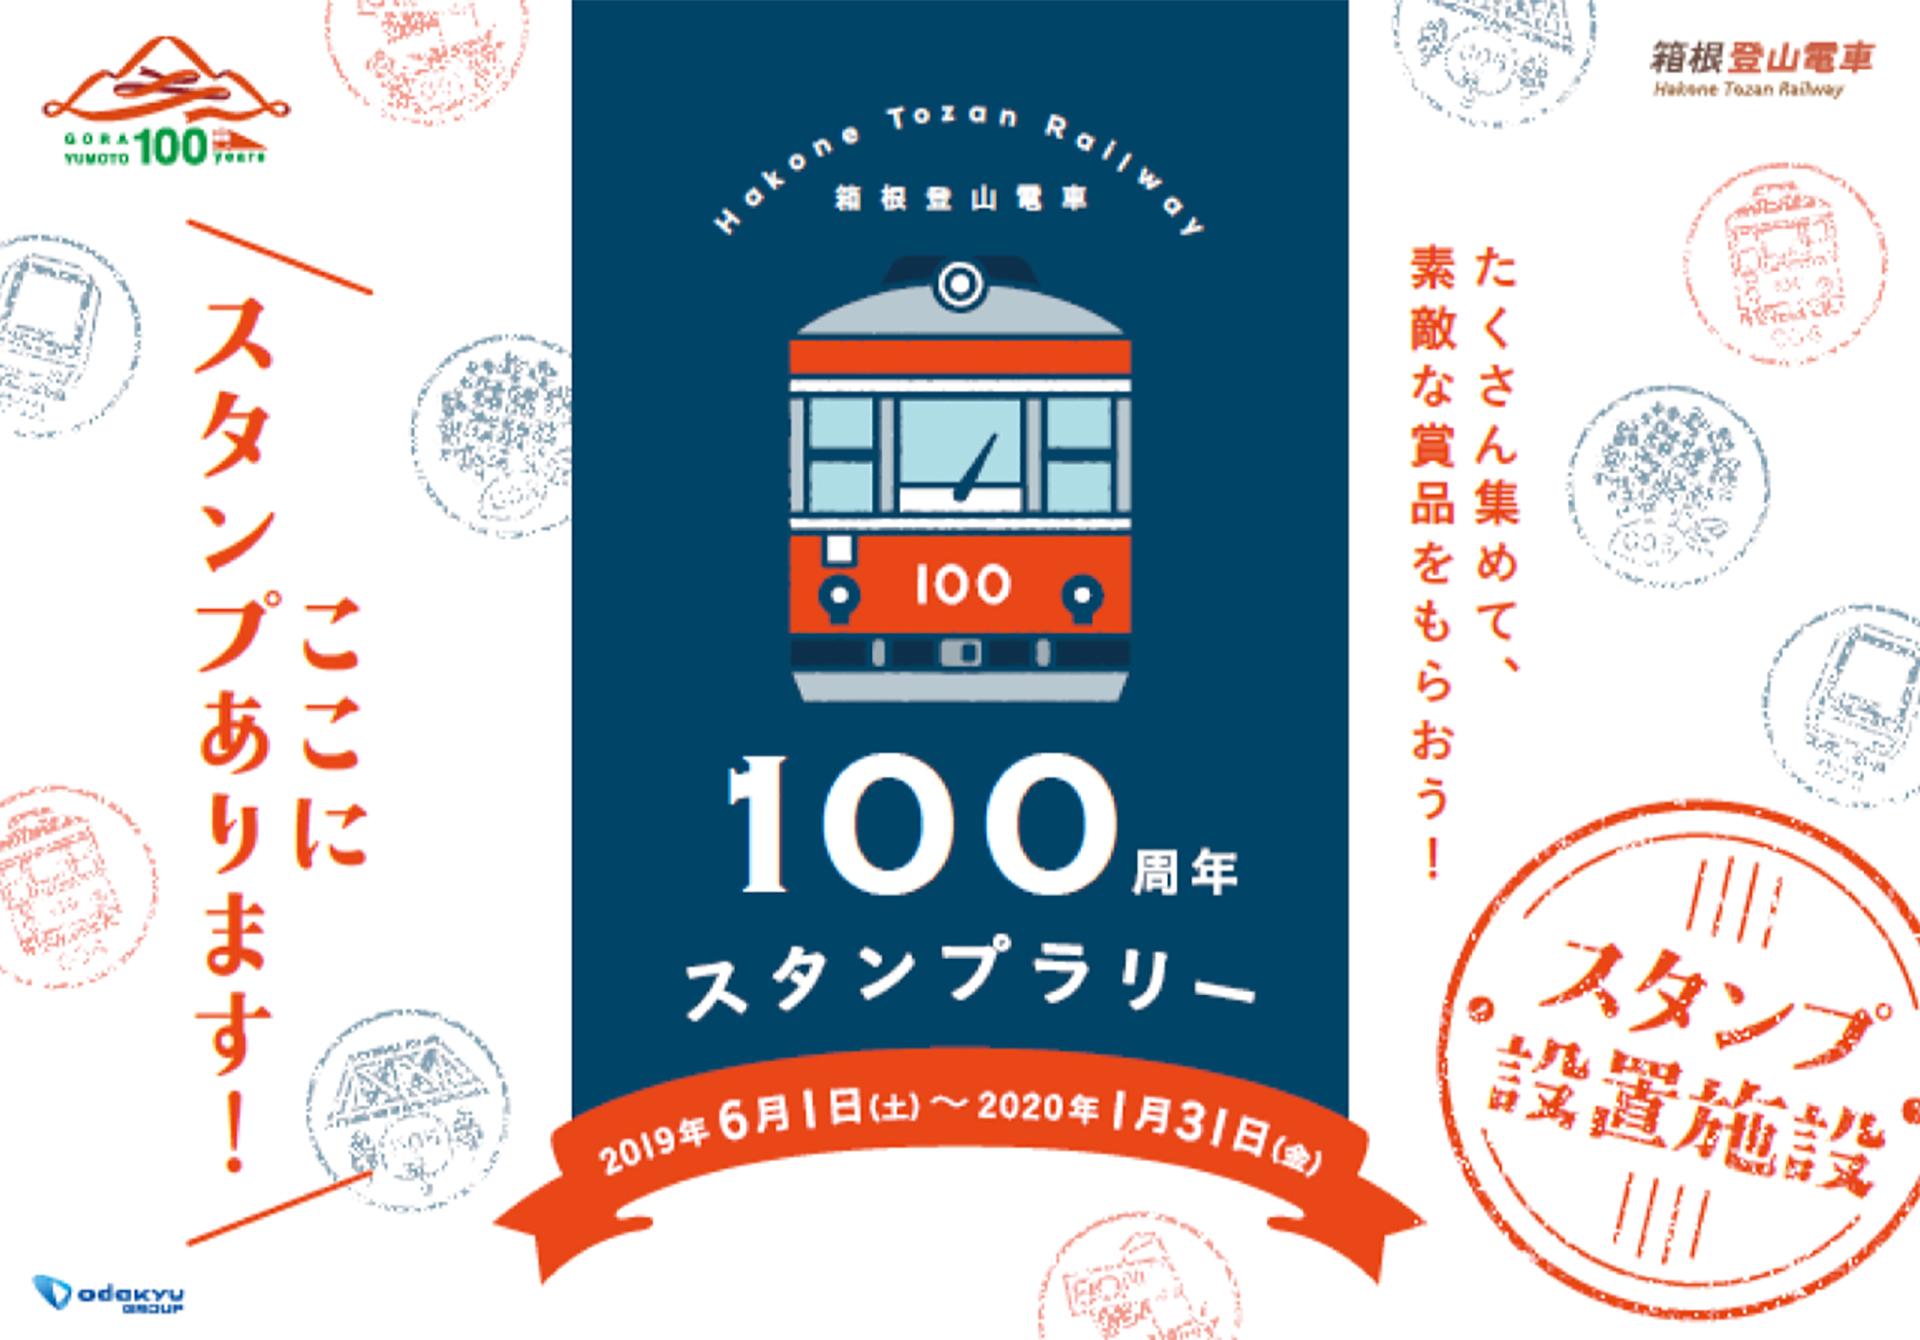 箱根登山鉄道 スタンプラリー